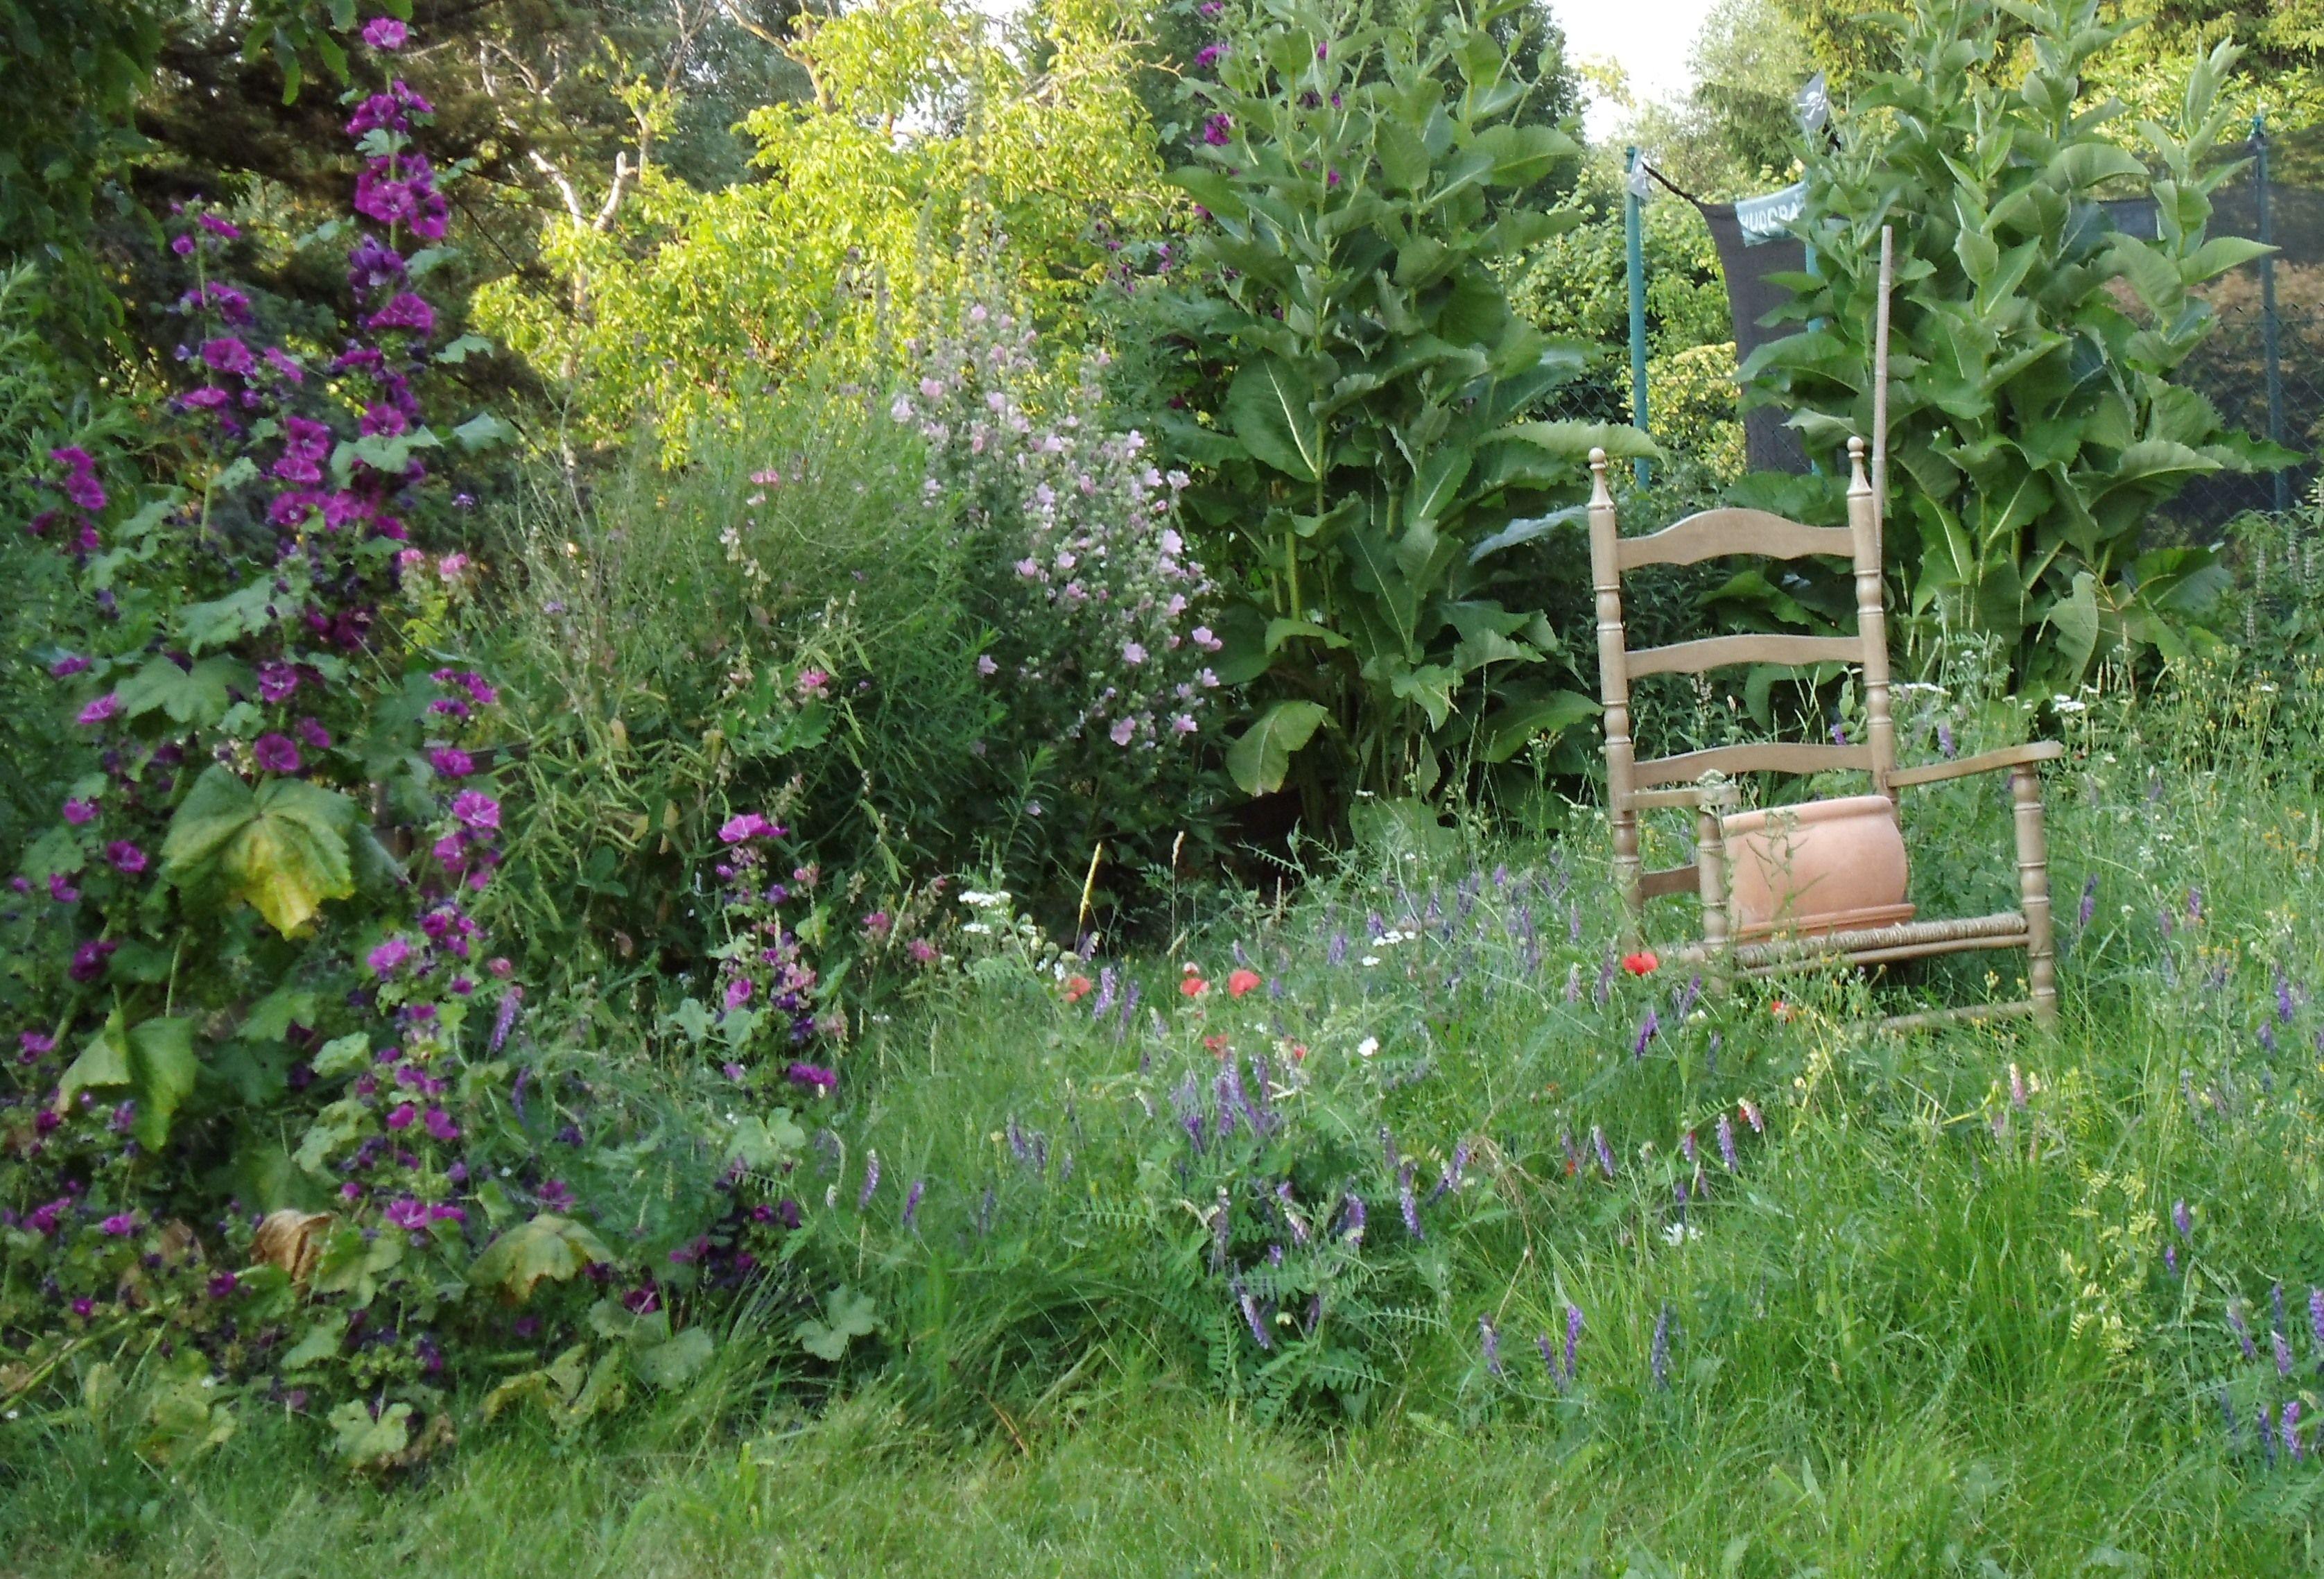 Naturgarten   Naturgarten, Garten, Natur